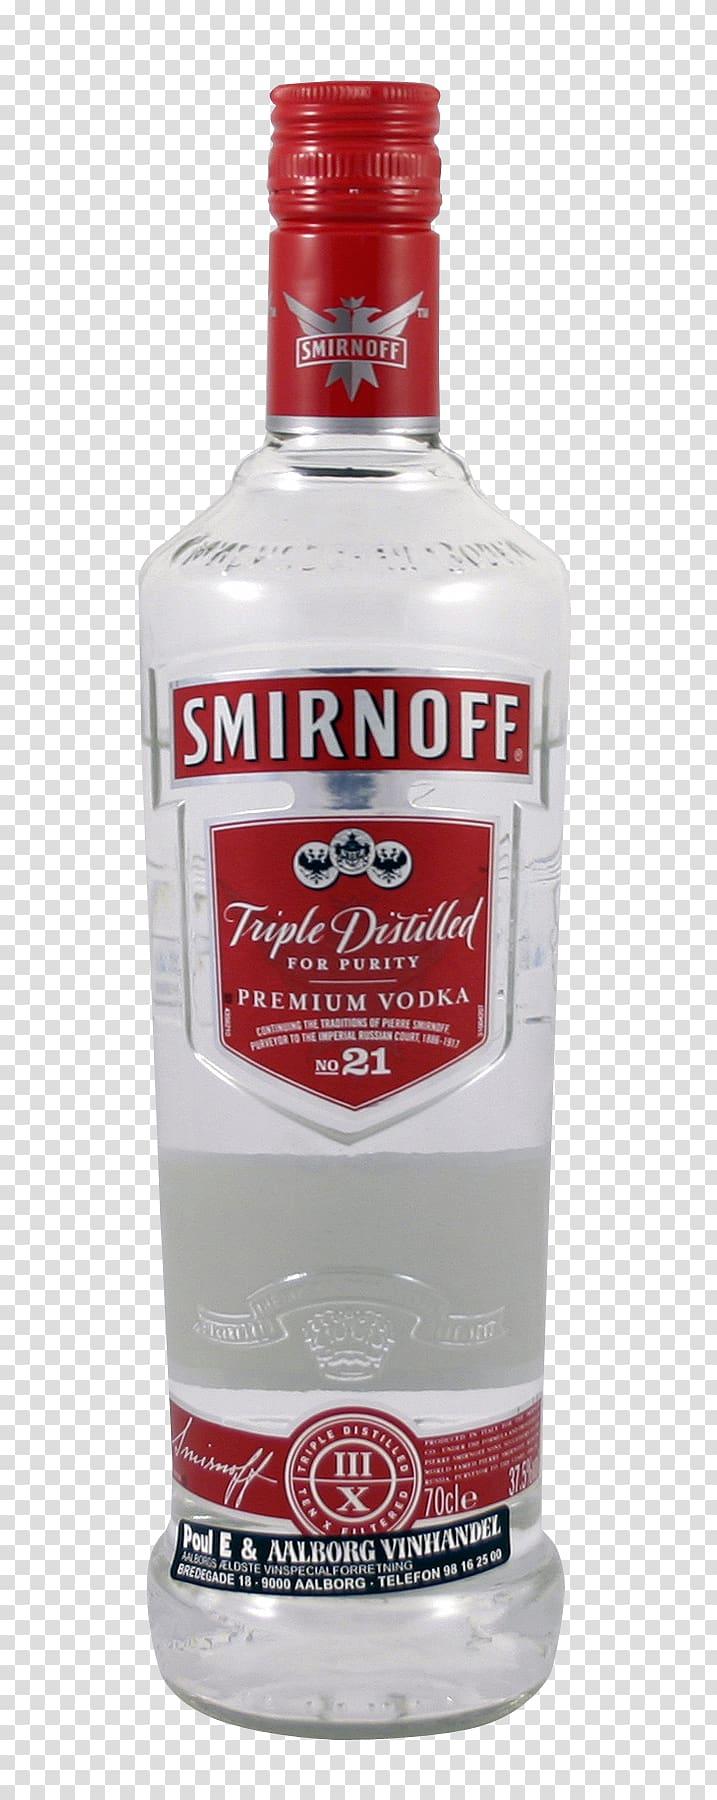 Smirnoff glass bottle, Vodka Distilled beverage Cocktail.